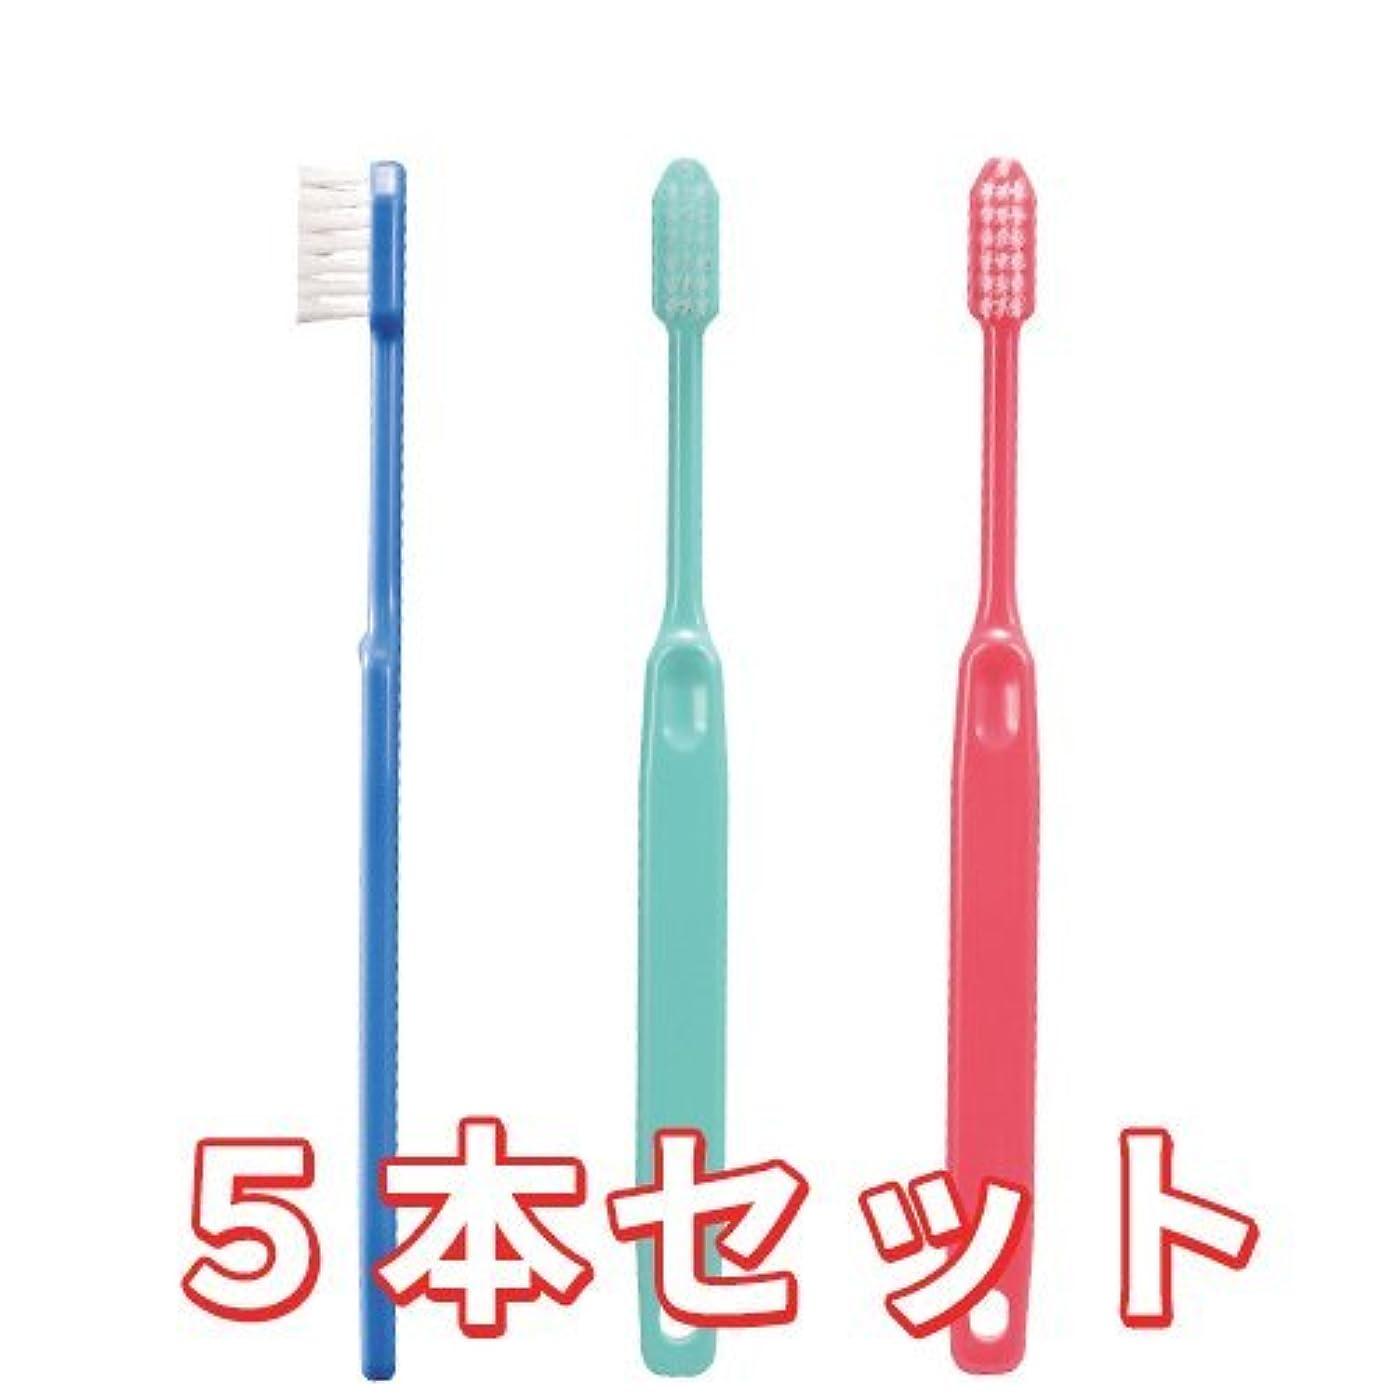 意義インタネットを見る概念Ciメディカル 歯ブラシ コンパクトヘッド 疎毛タイプ アソート 5本 (Ci21(かため))